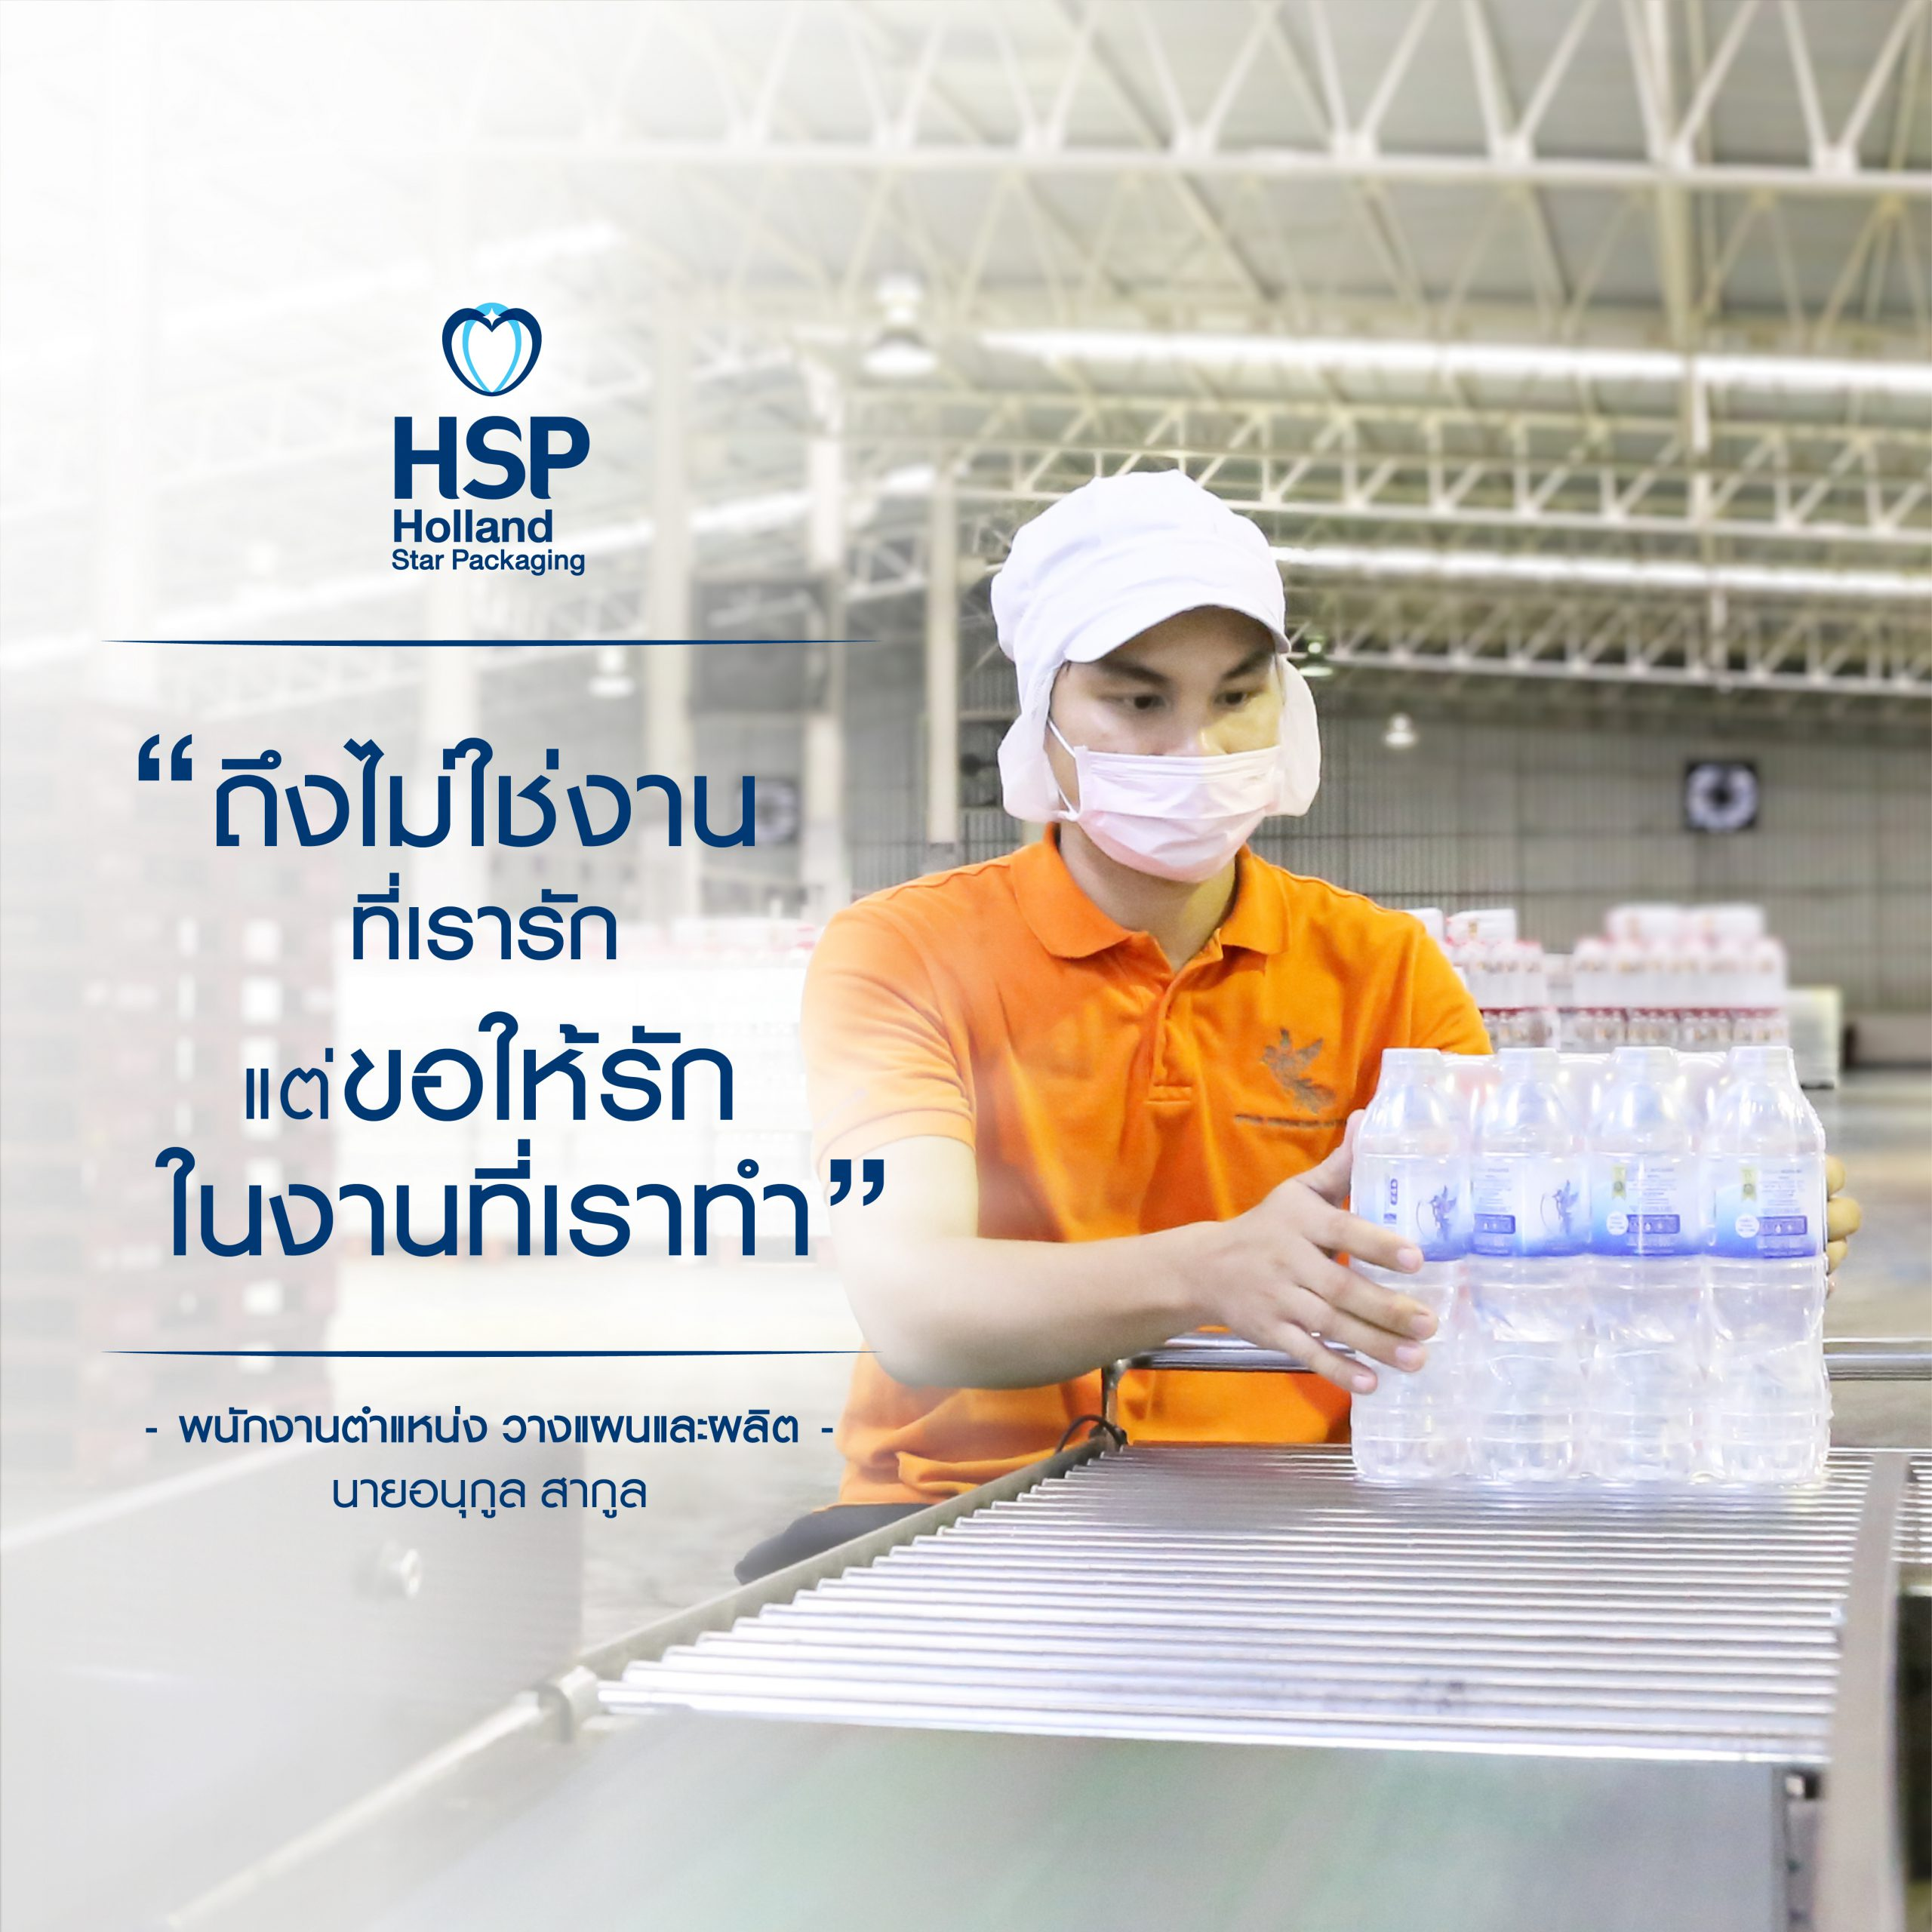 hsp-motto-36-hsppackaging-oem-water